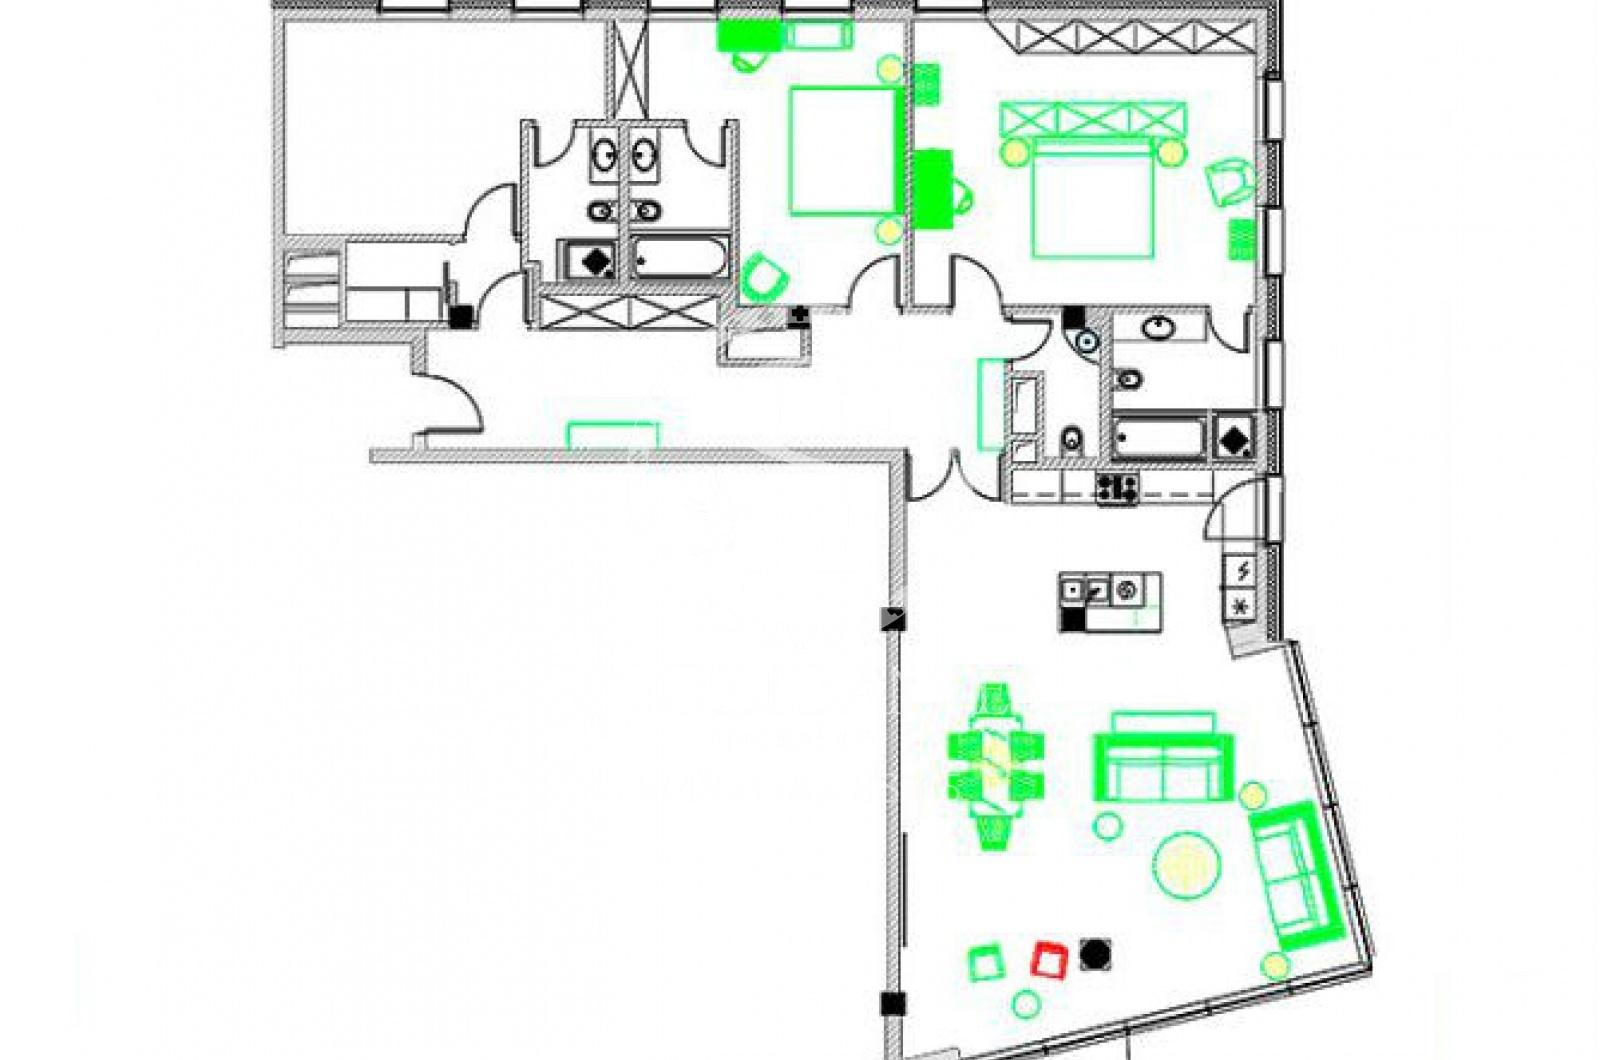 4 Комнаты, Городская, Продажа, Пречистенская набережная, Listing ID 3445, Москва, Россия,